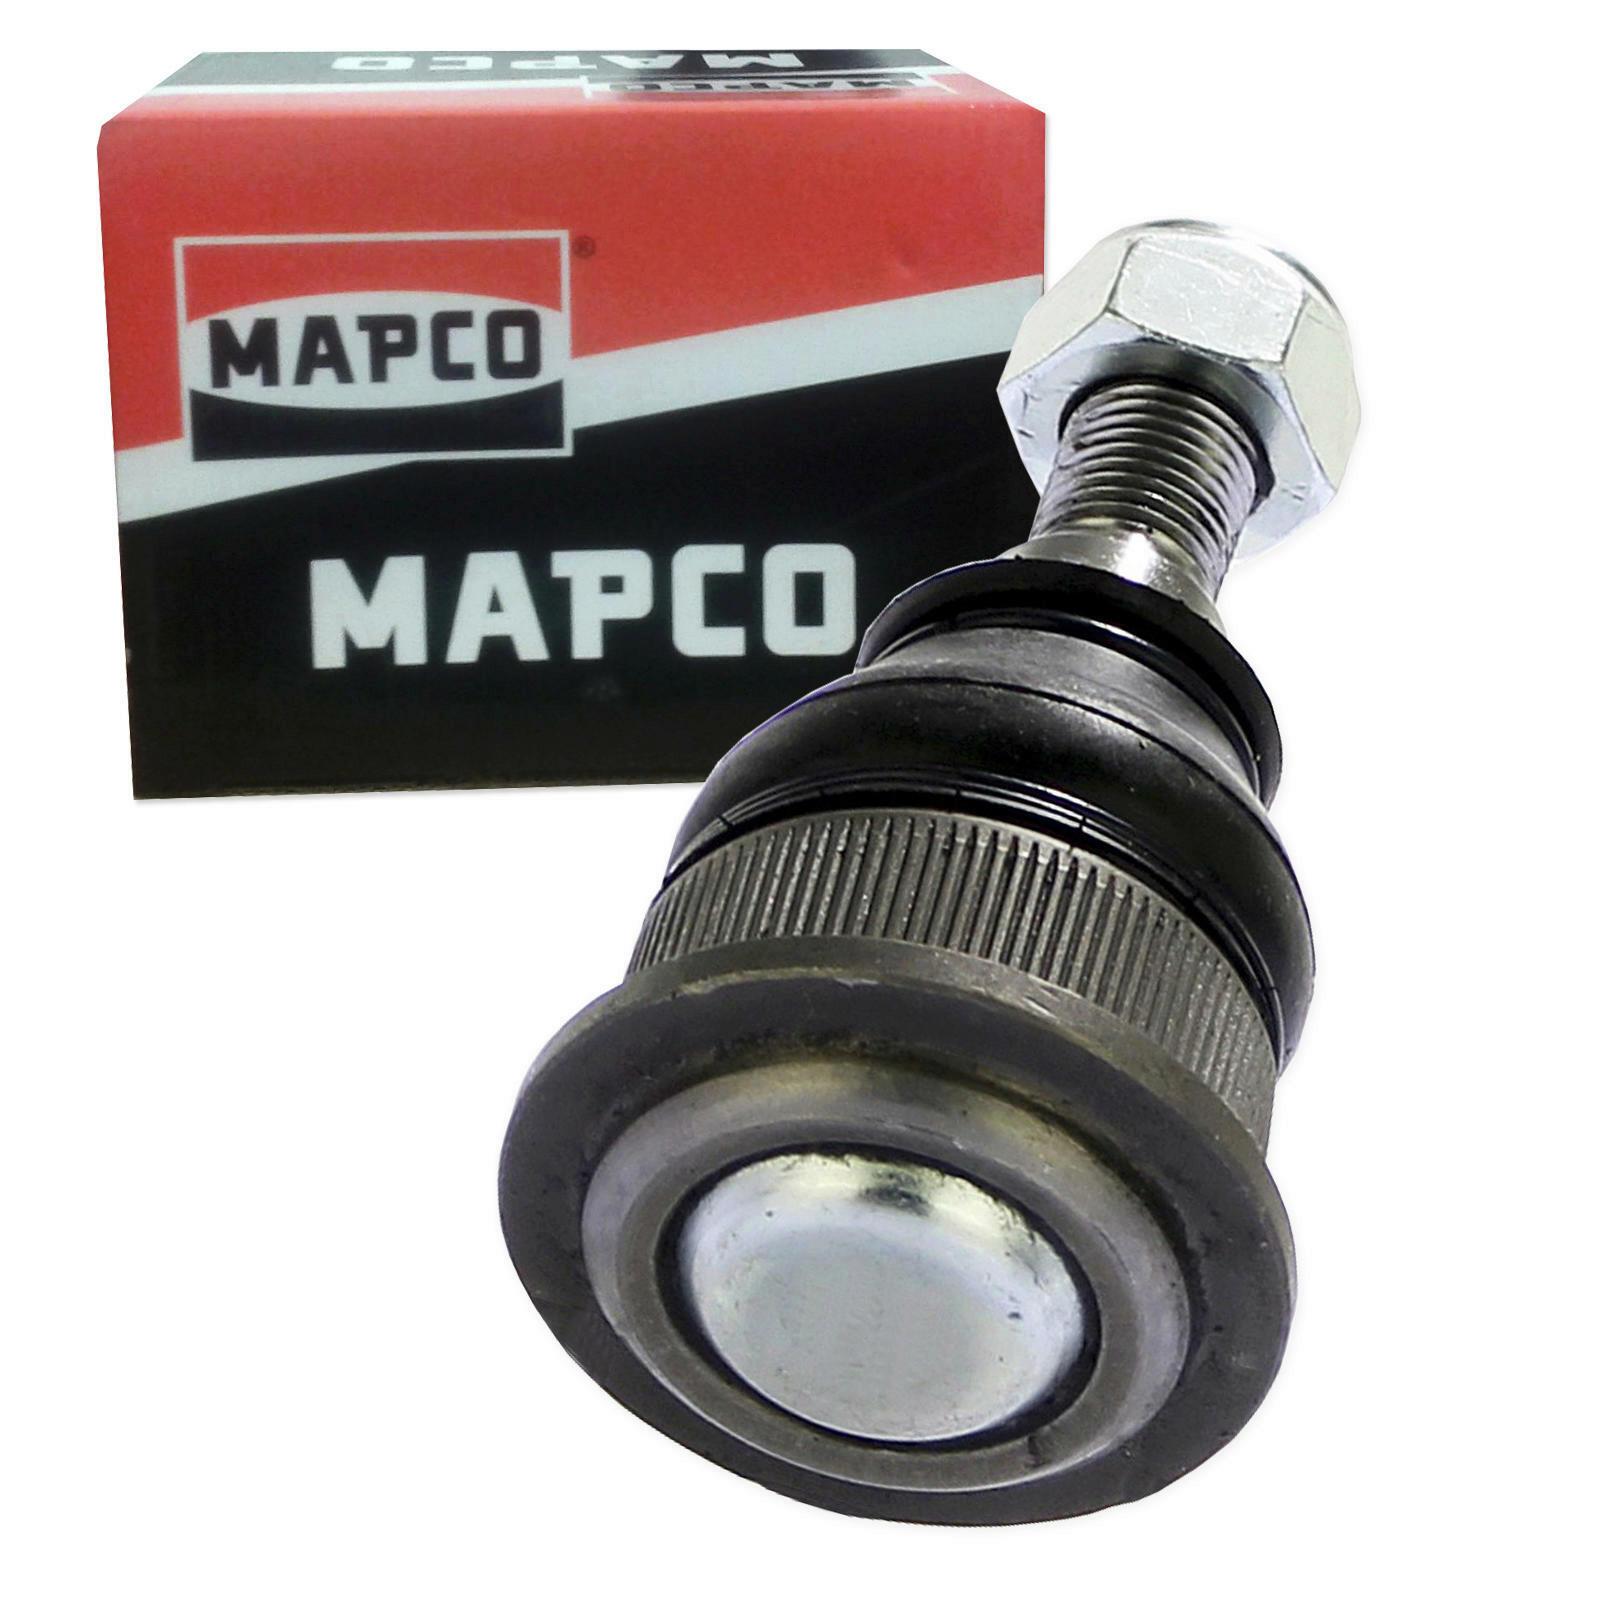 MAPCO Trag-/Führungsgelenk